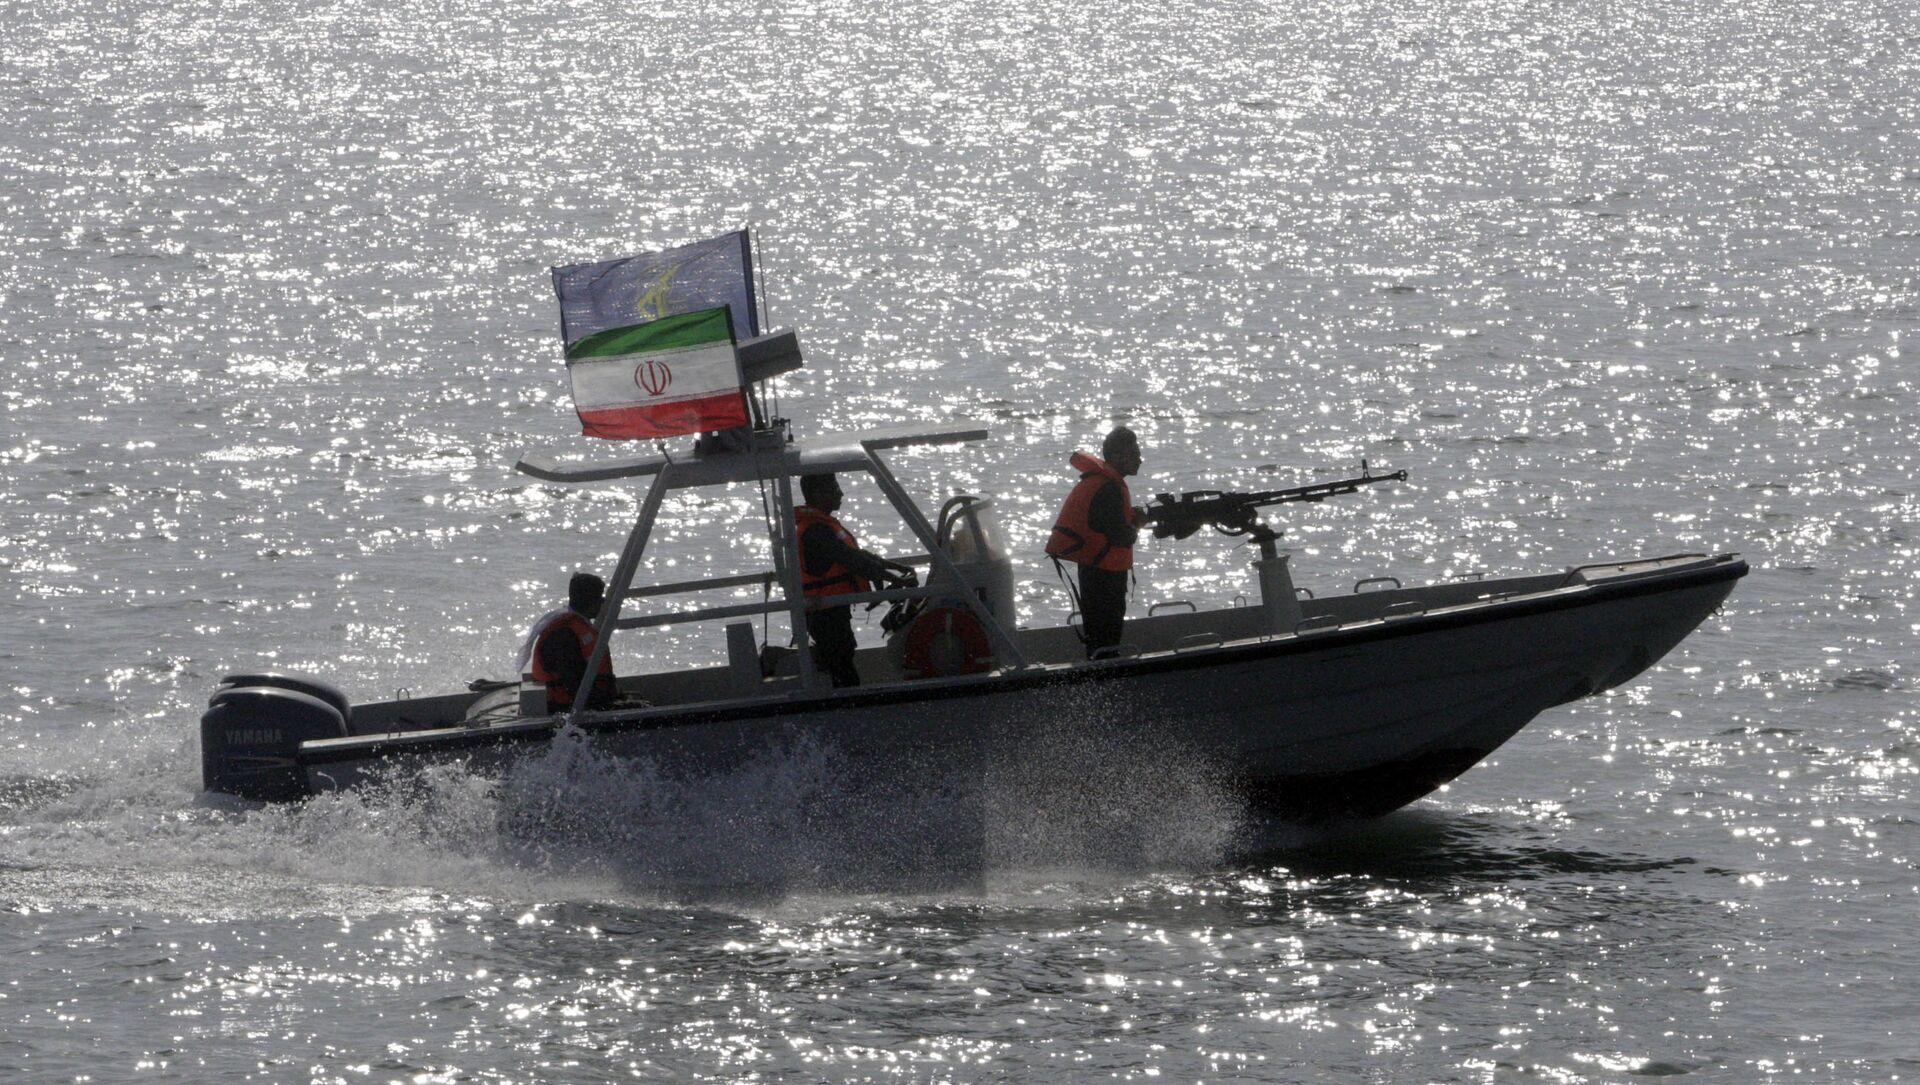 Il motoscafo del Corpo della Guardia Rivoluzionaria Iraniana - Sputnik Italia, 1920, 28.04.2021